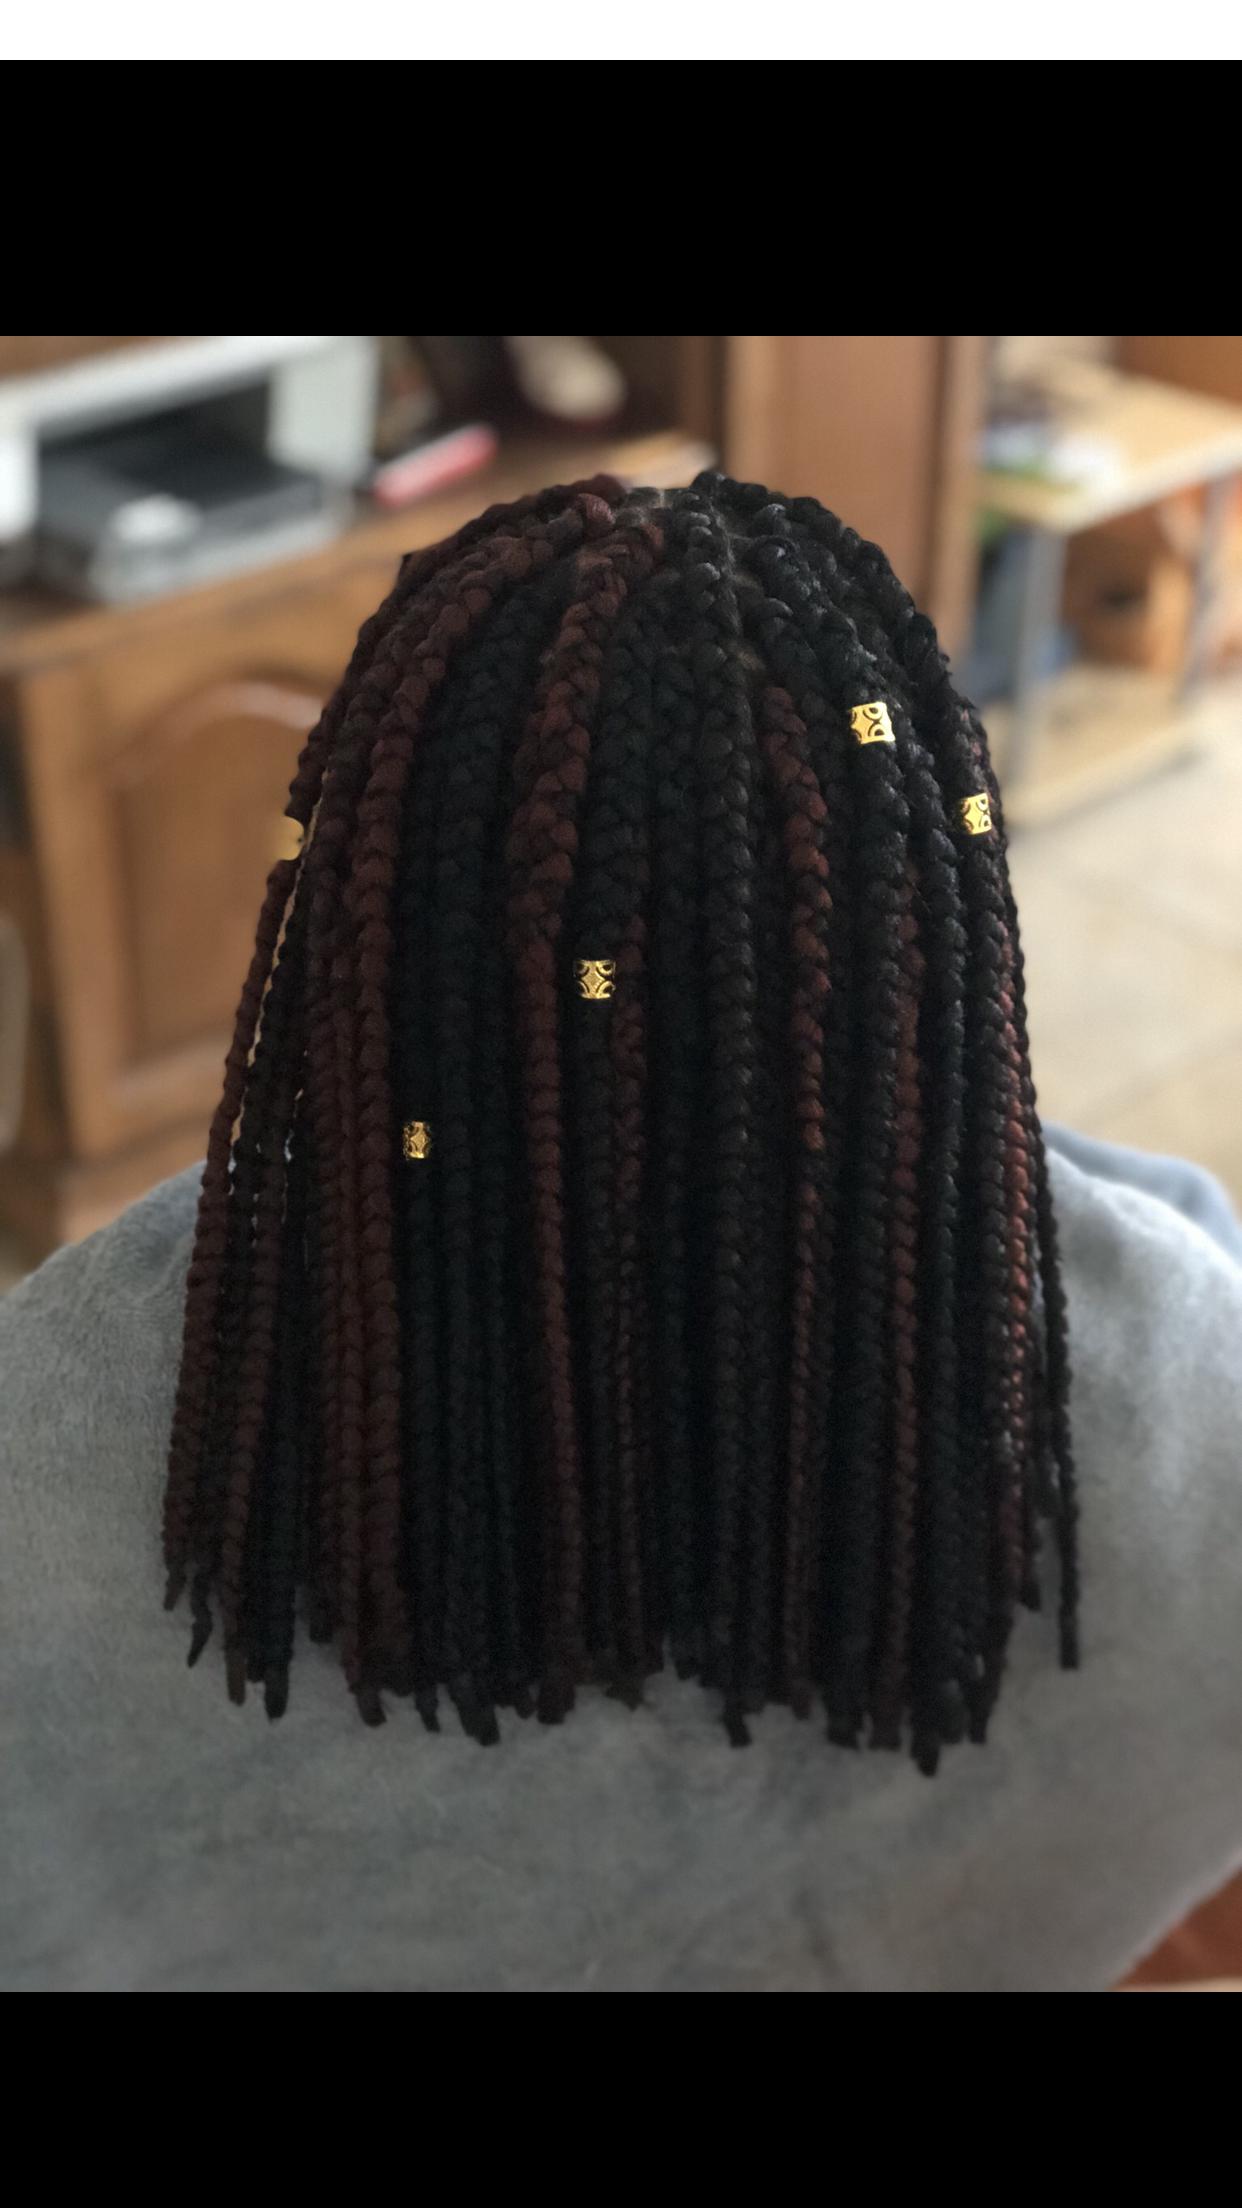 salon de coiffure afro tresse tresses box braids crochet braids vanilles tissages paris 75 77 78 91 92 93 94 95 LVHSNUAY